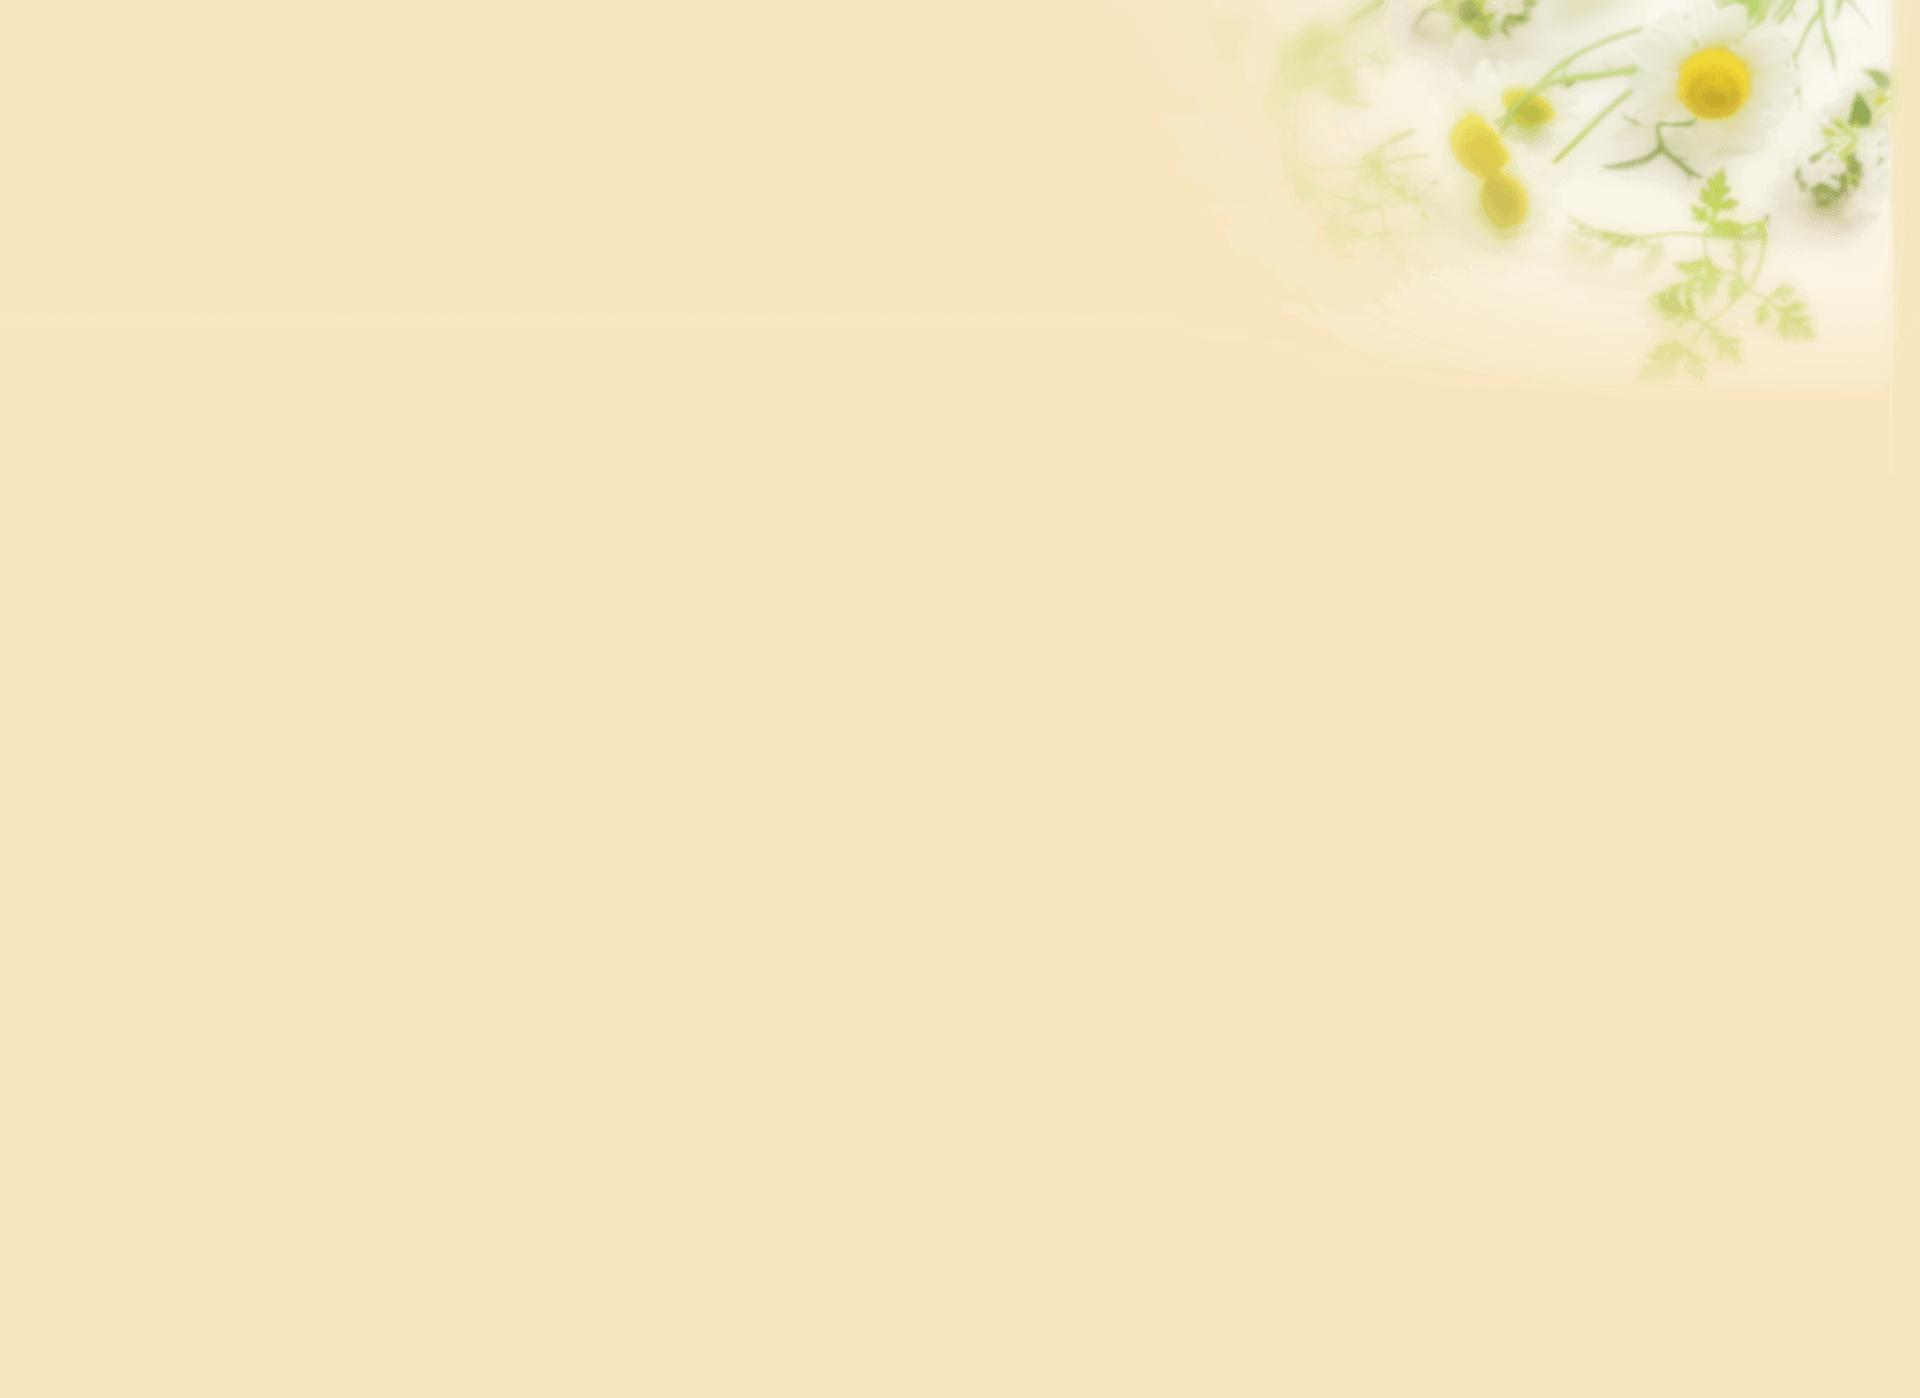 フラームジャパン代表飯嶋真美とブリストル・マイヤーズスクイブ株式会社の執行役員である辻和美さんのインタビュー風景1